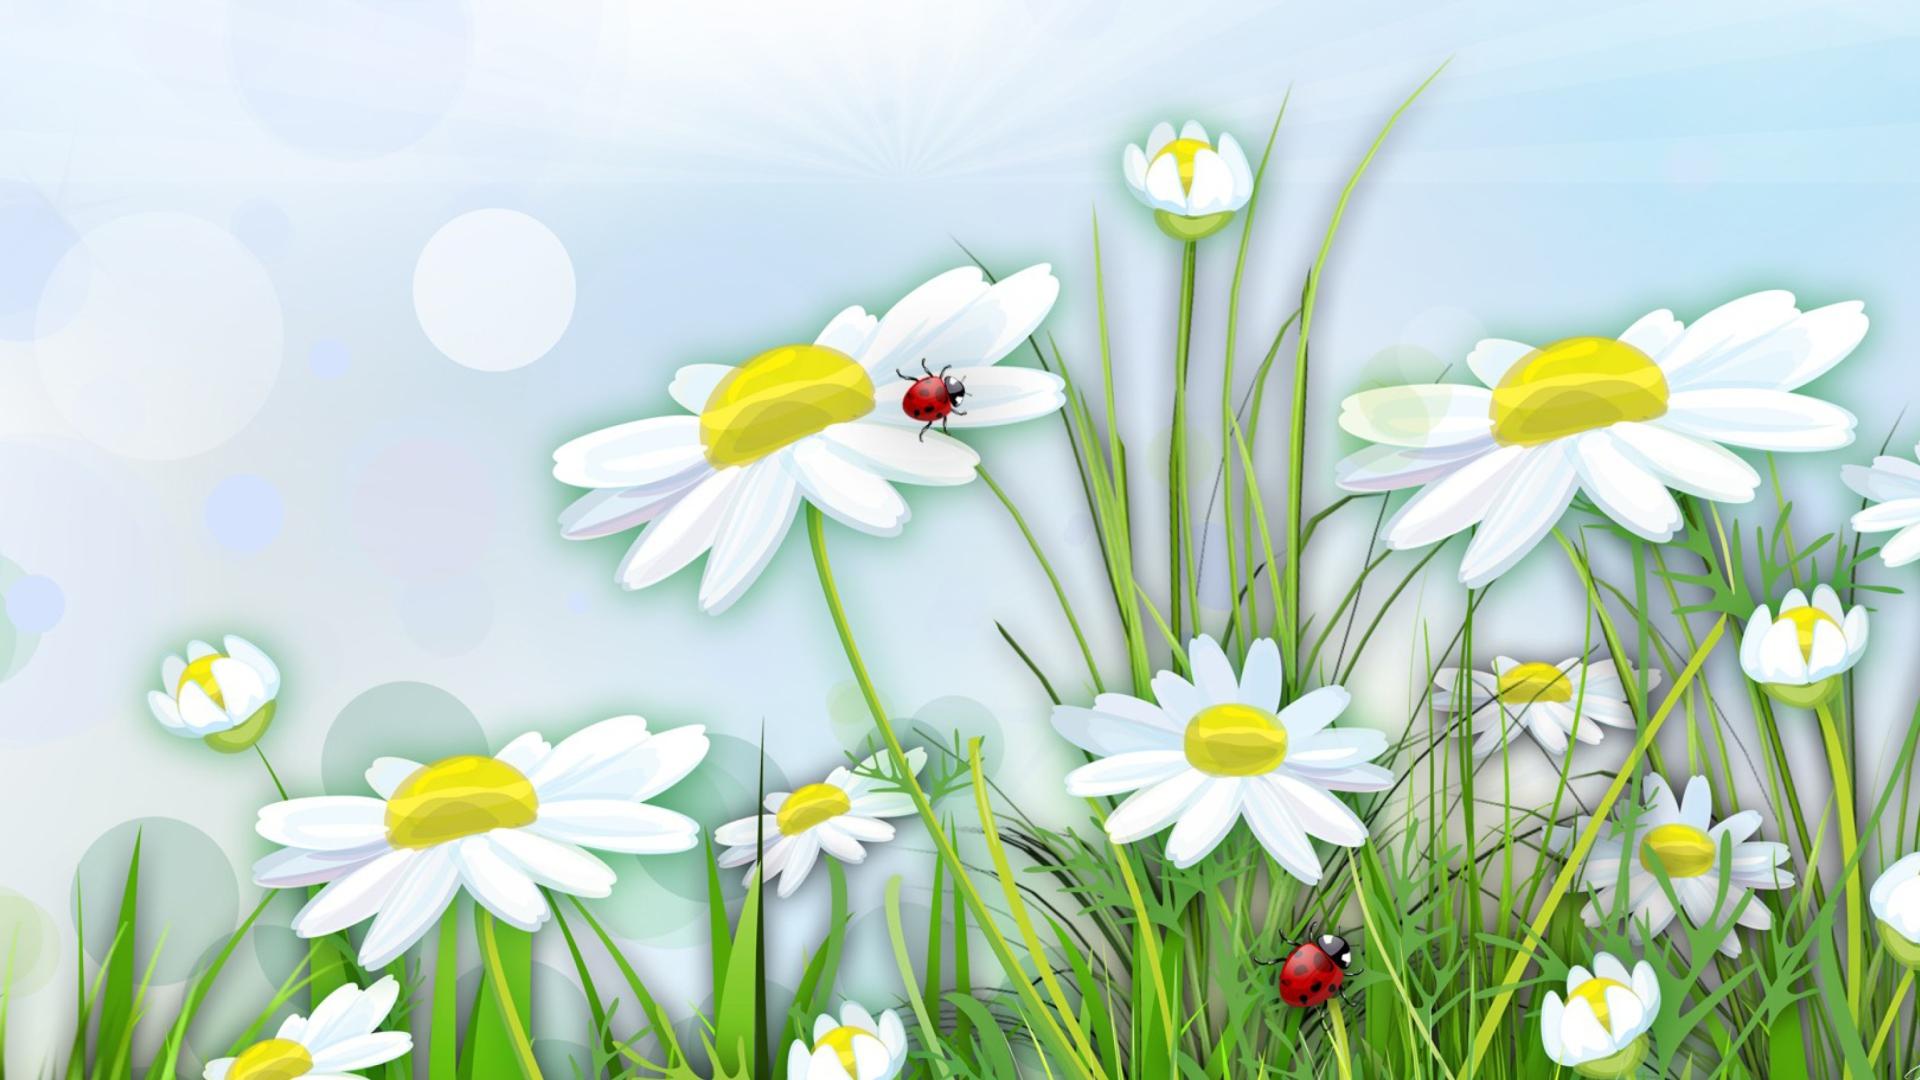 Картинки поле с цветами для детей, ручной работы